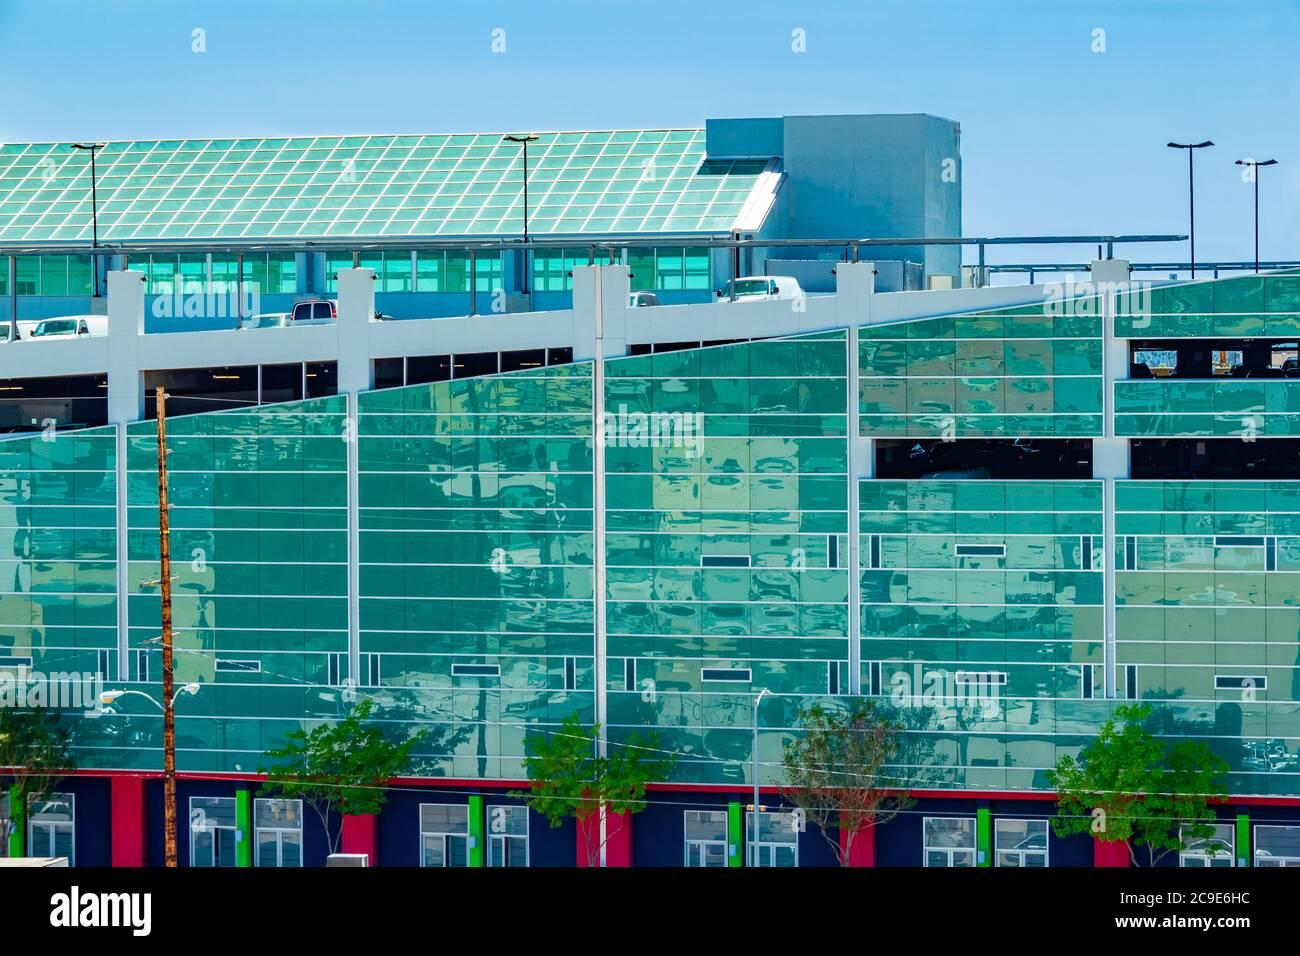 L'architecture de Los Angeles est même magnifique pour ses garages de stationnement. Les côtés en miroir reflètent les environs du quartier du centre-ville. Banque D'Images